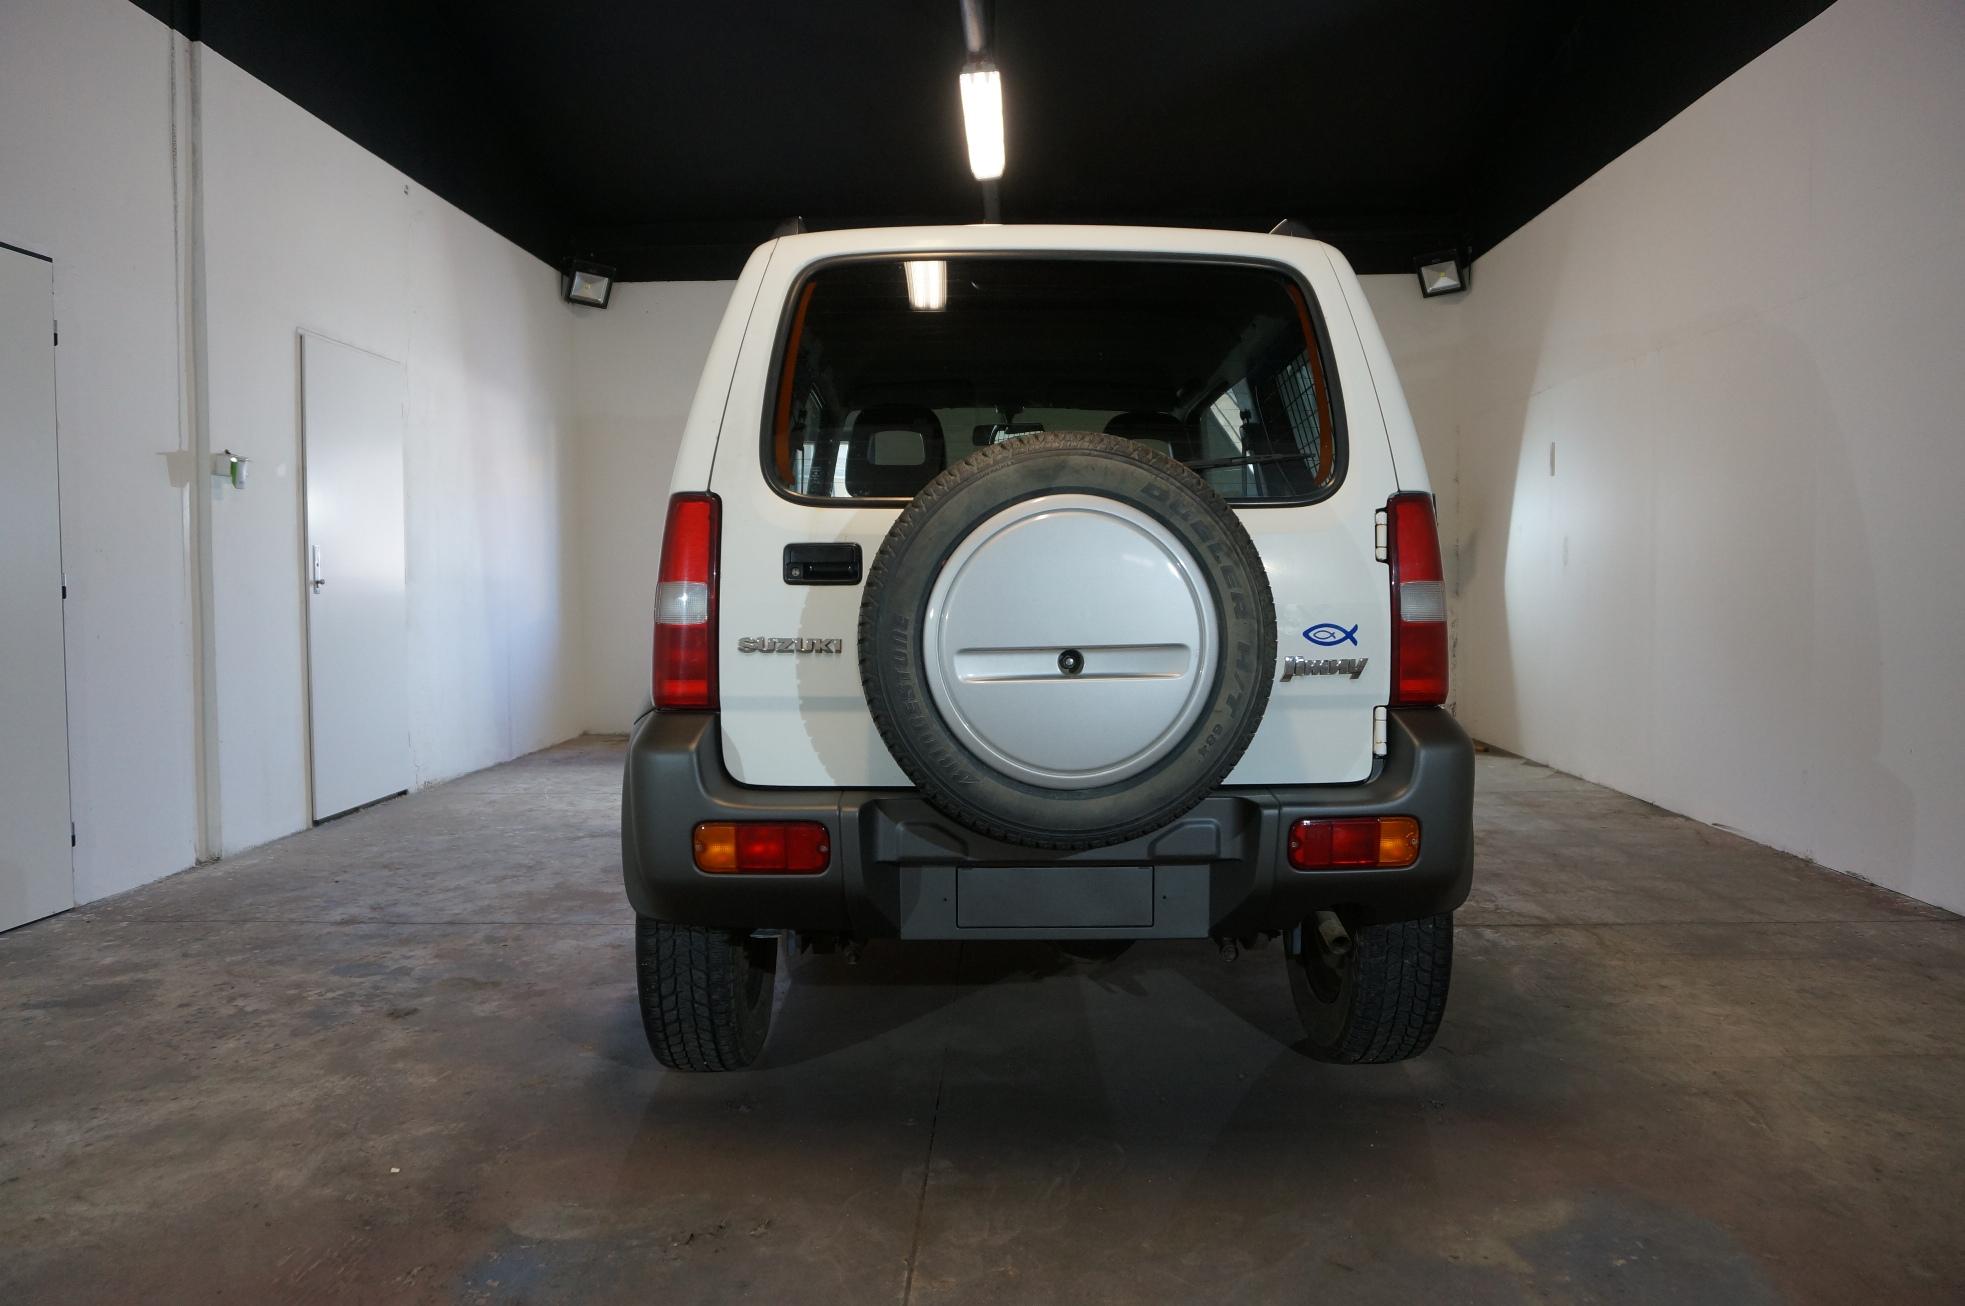 Suzuki Jimny - Plasti Dip antracit